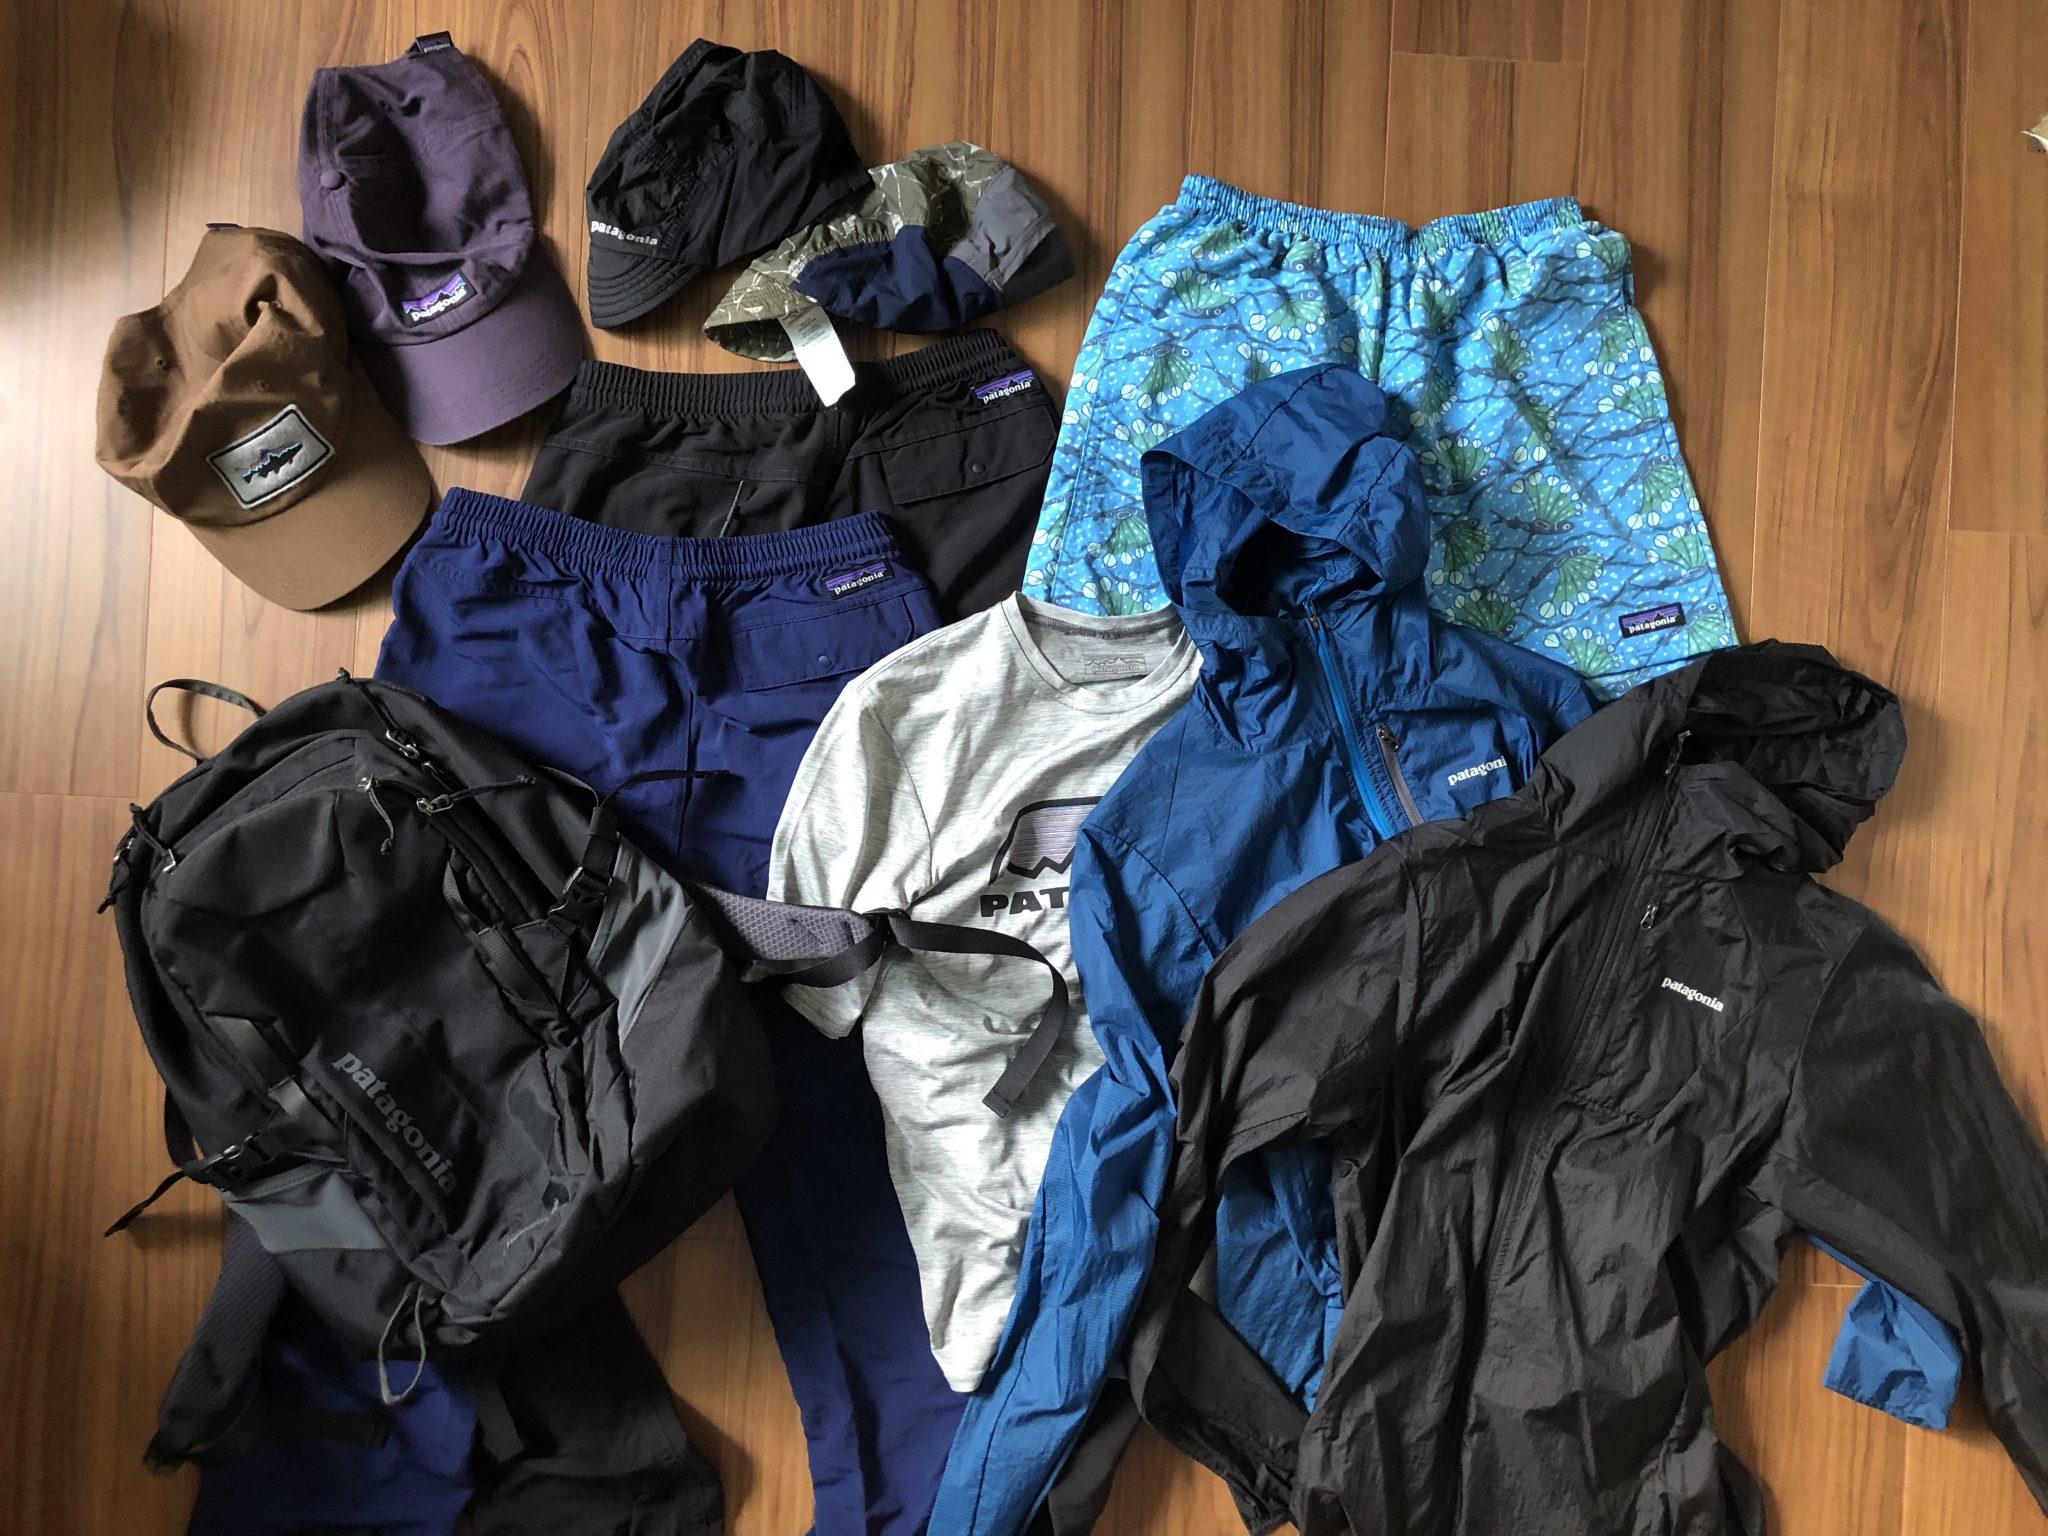 パタゴニア(Patagonia)バギーズパンツ|秋の足音が聴こえてきて、バギーズショーツから衣替えを想定して購入です